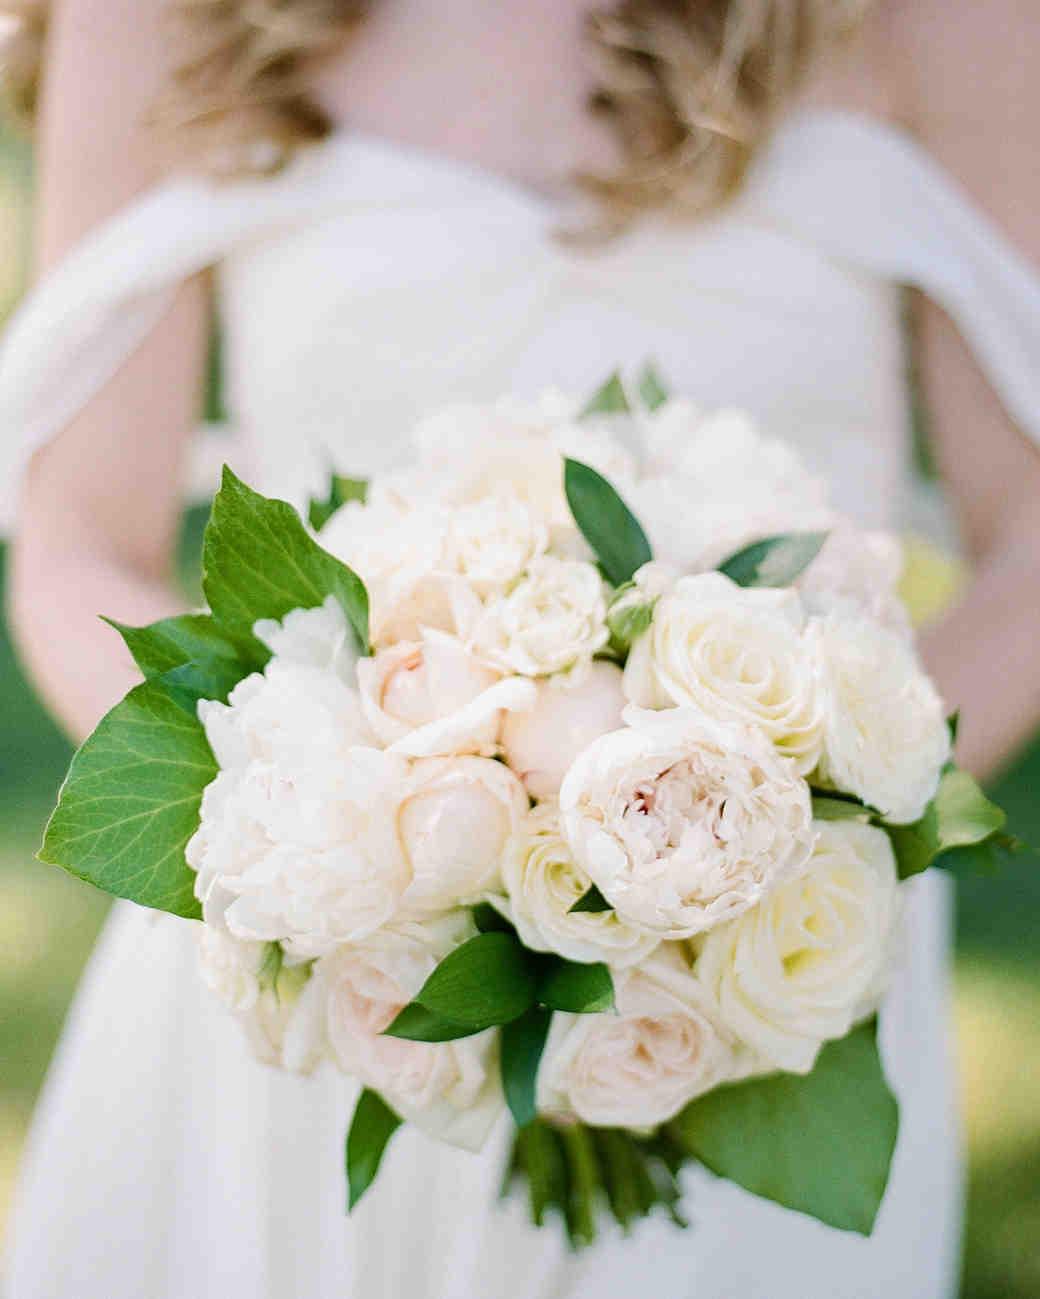 izzy tom wedding bouquet